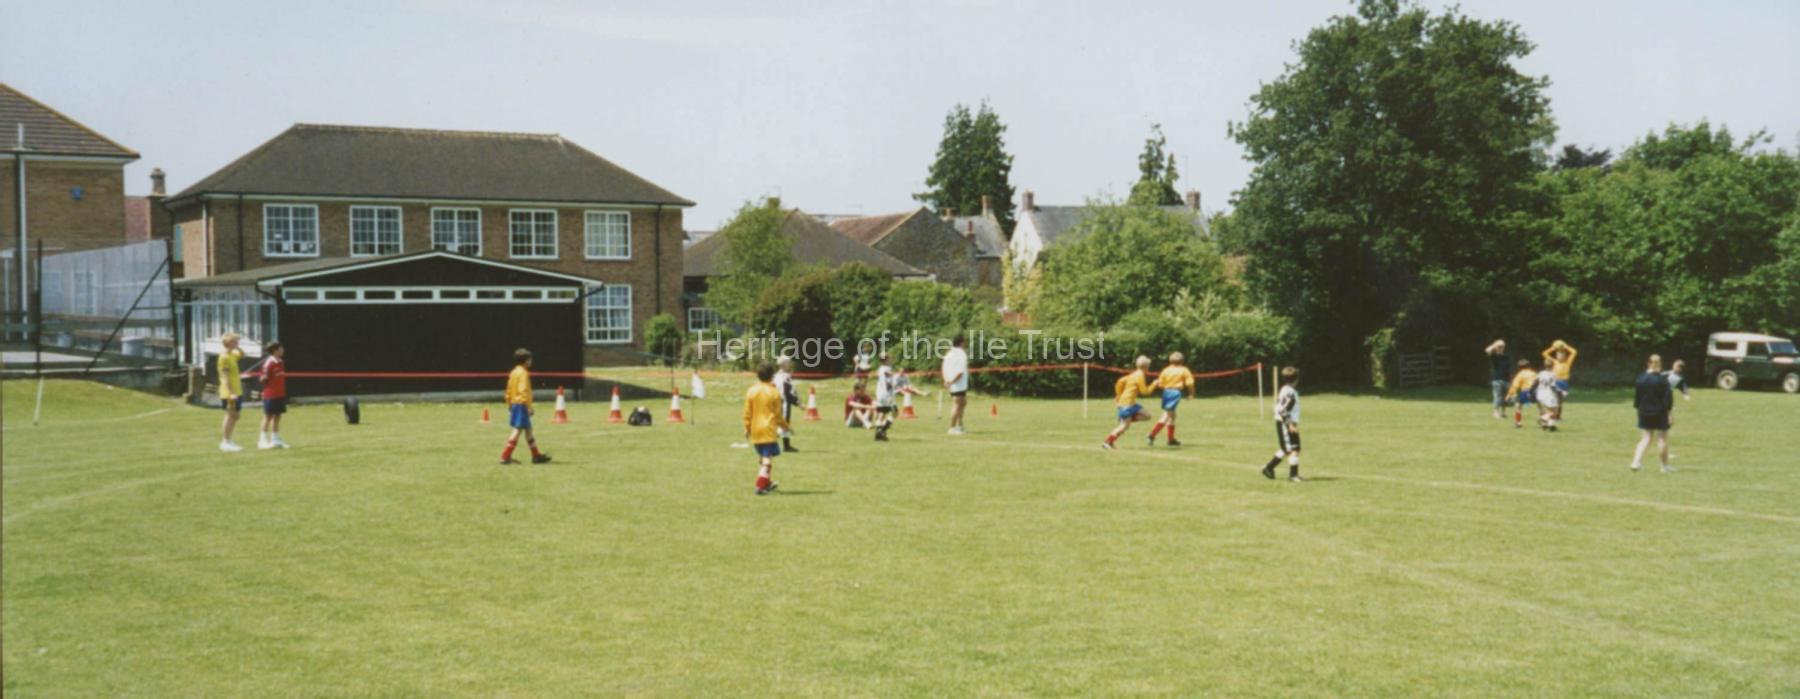 003576 Millennium Lions Fete at Swanmead School 2000